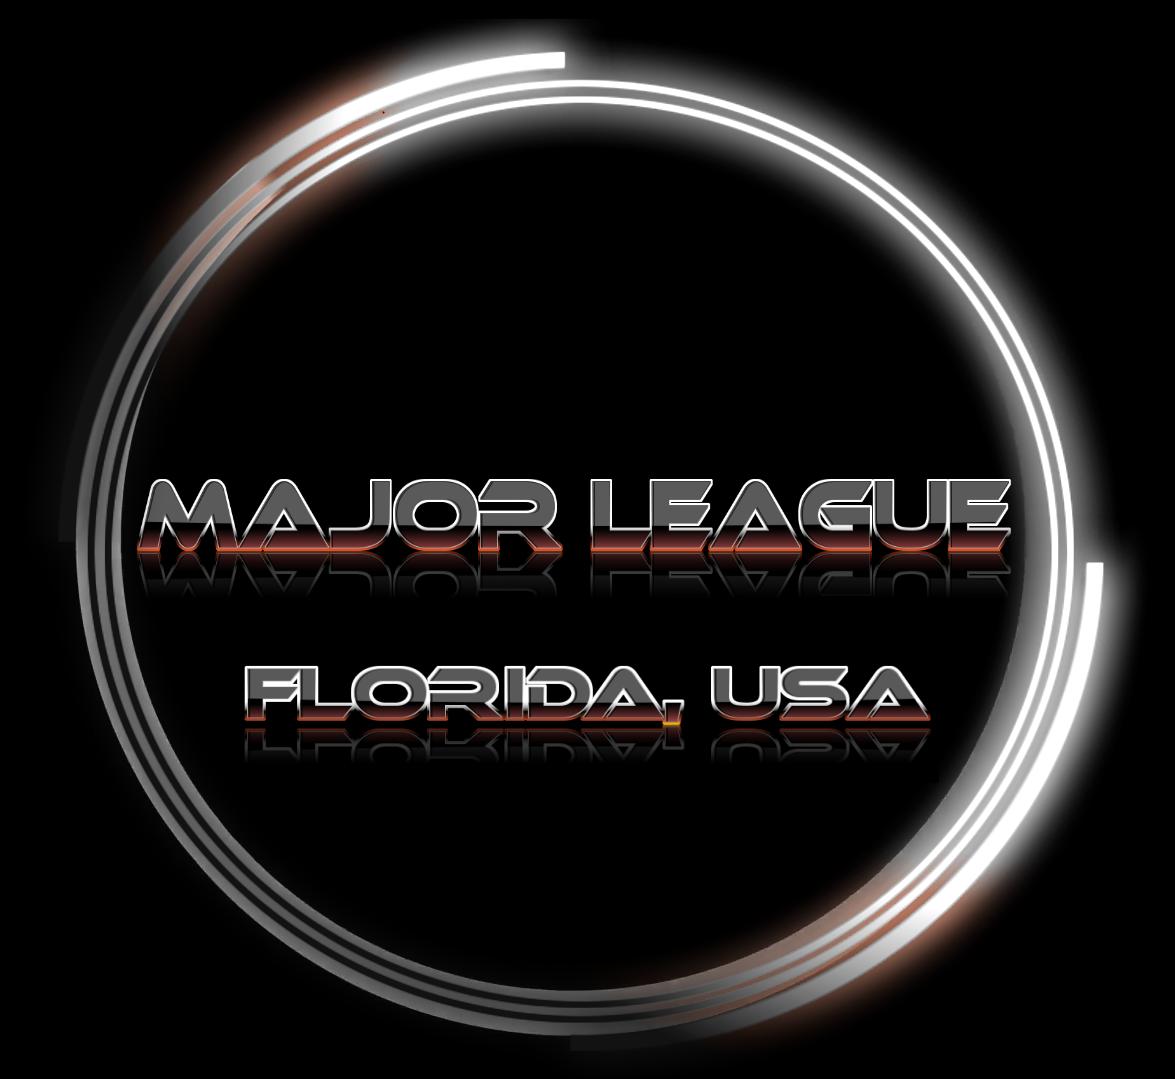 Major League Florida, USA anmälan